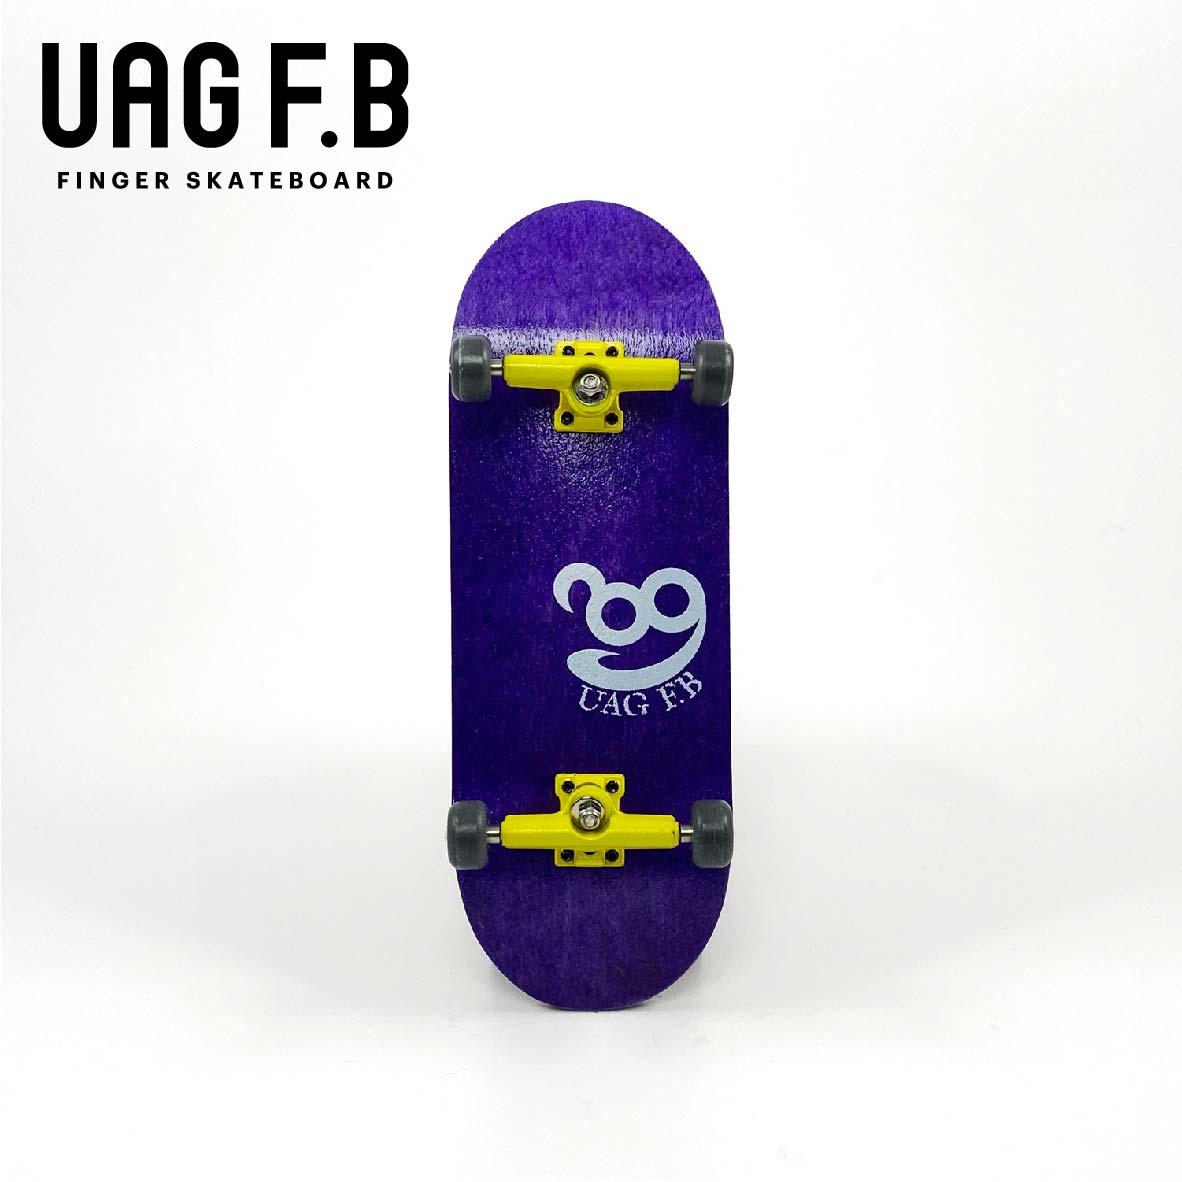 これから始めたい方にオススメ 価格とクオリティーにこだわったUAG F.Bの定番モデル UAG F.B 《UAG リミテッドコンプリート》 skate 現品 -slim board 指スケ 送料0円 ver- finger Purple